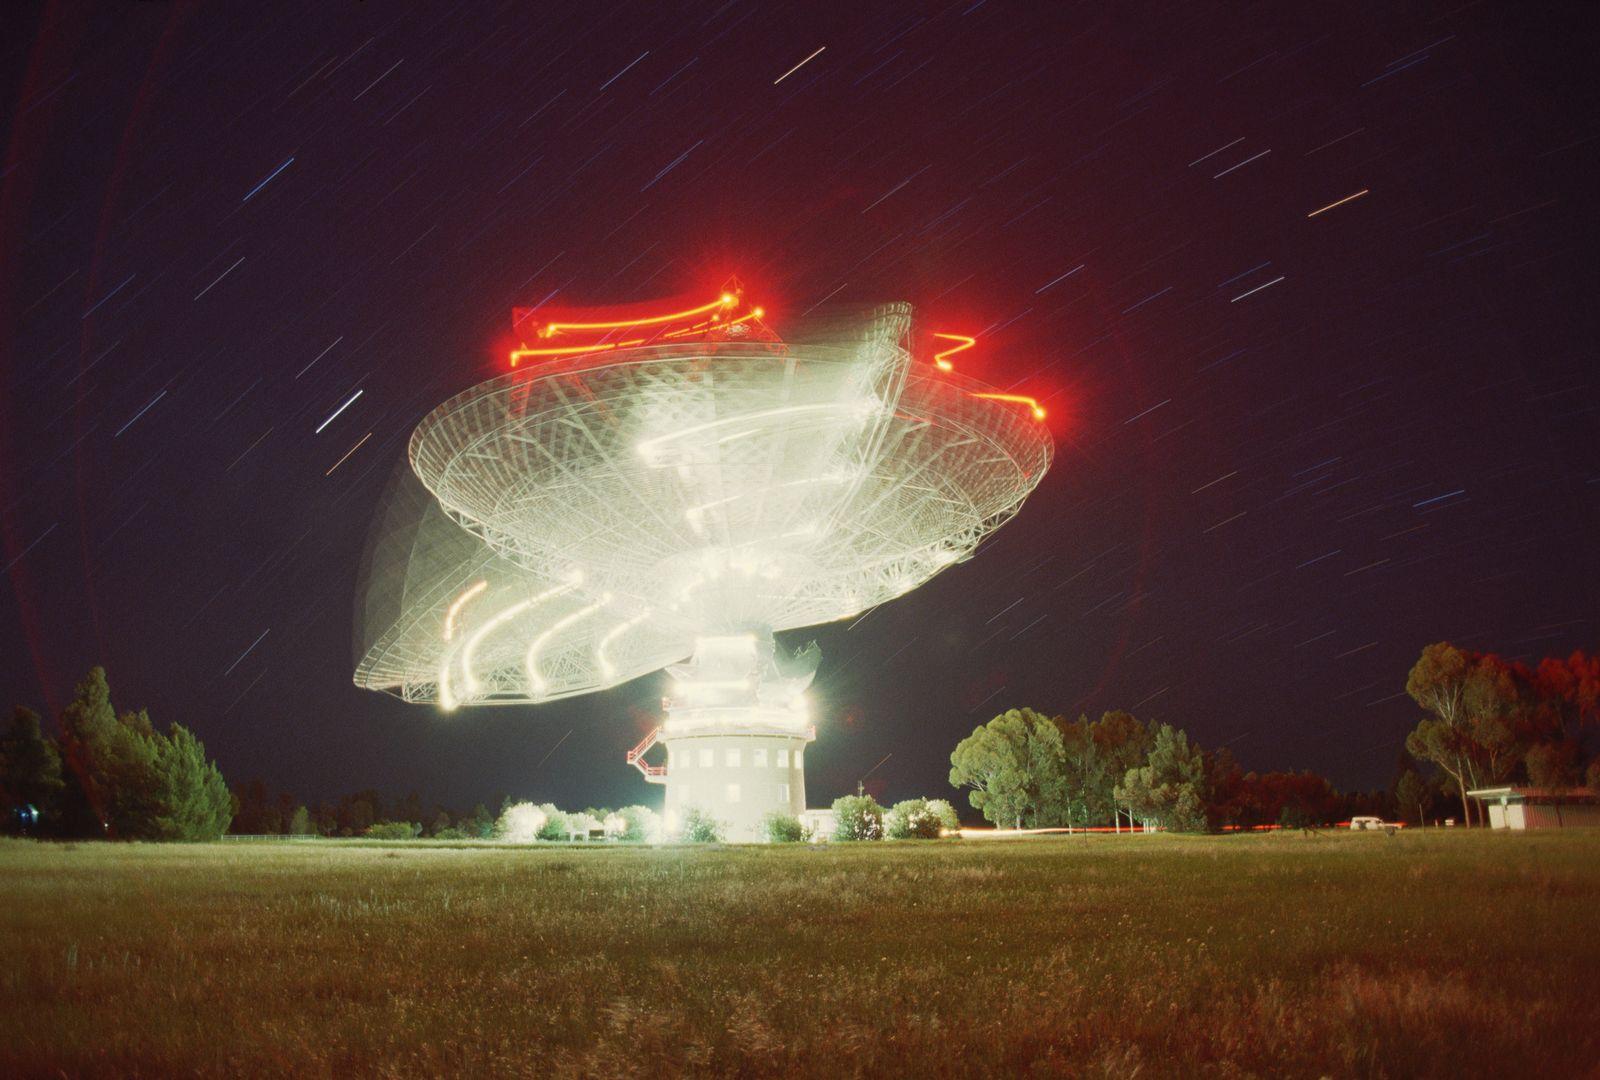 NICHT MEHR VERWENDEN! - Parkes Observatorium / Australien